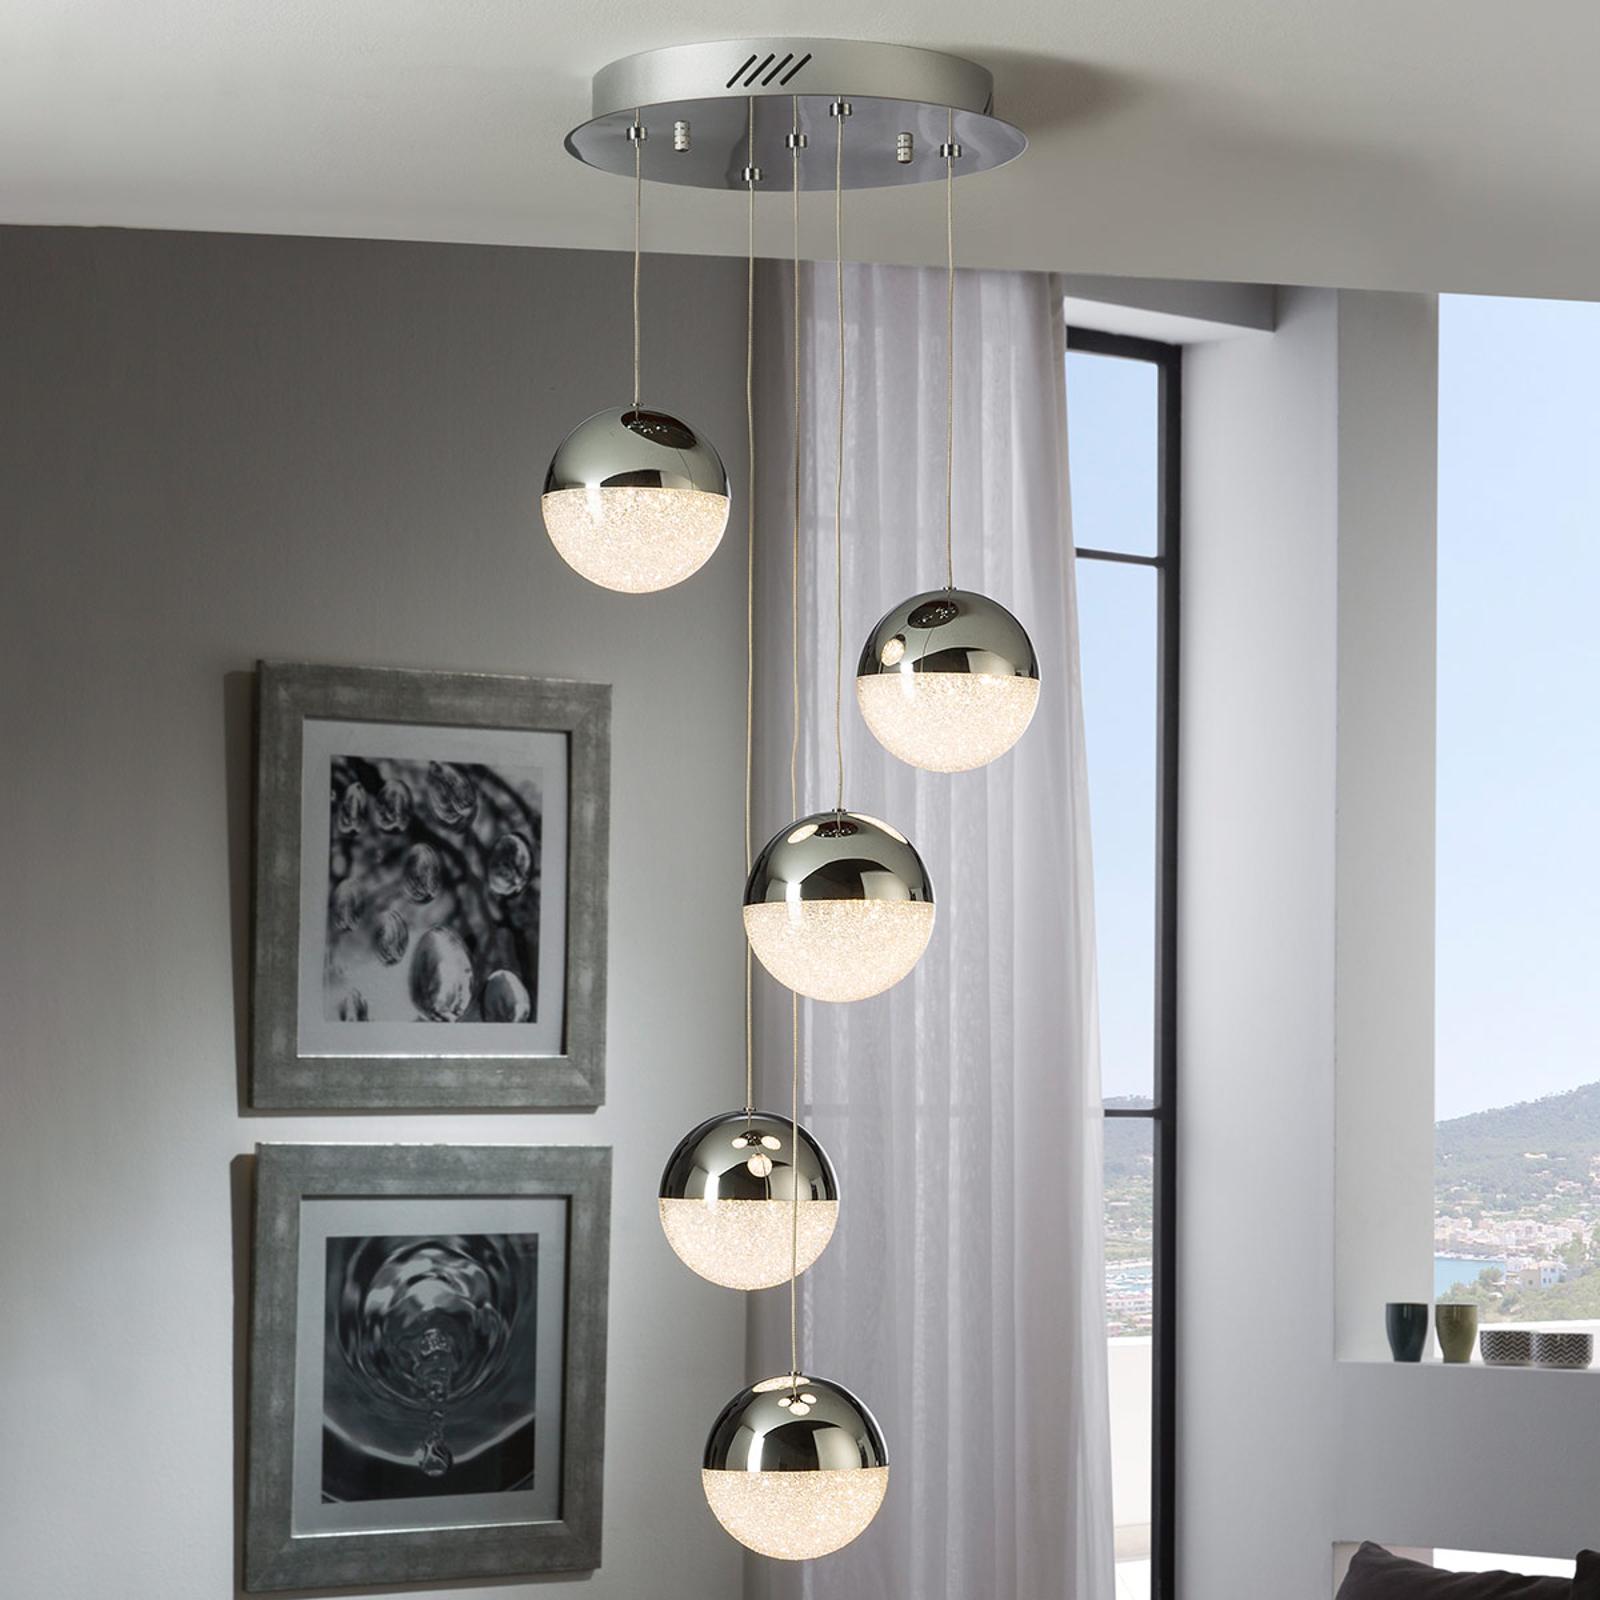 Lampa wisząca LED Sphere, 5-punktowa, chrom